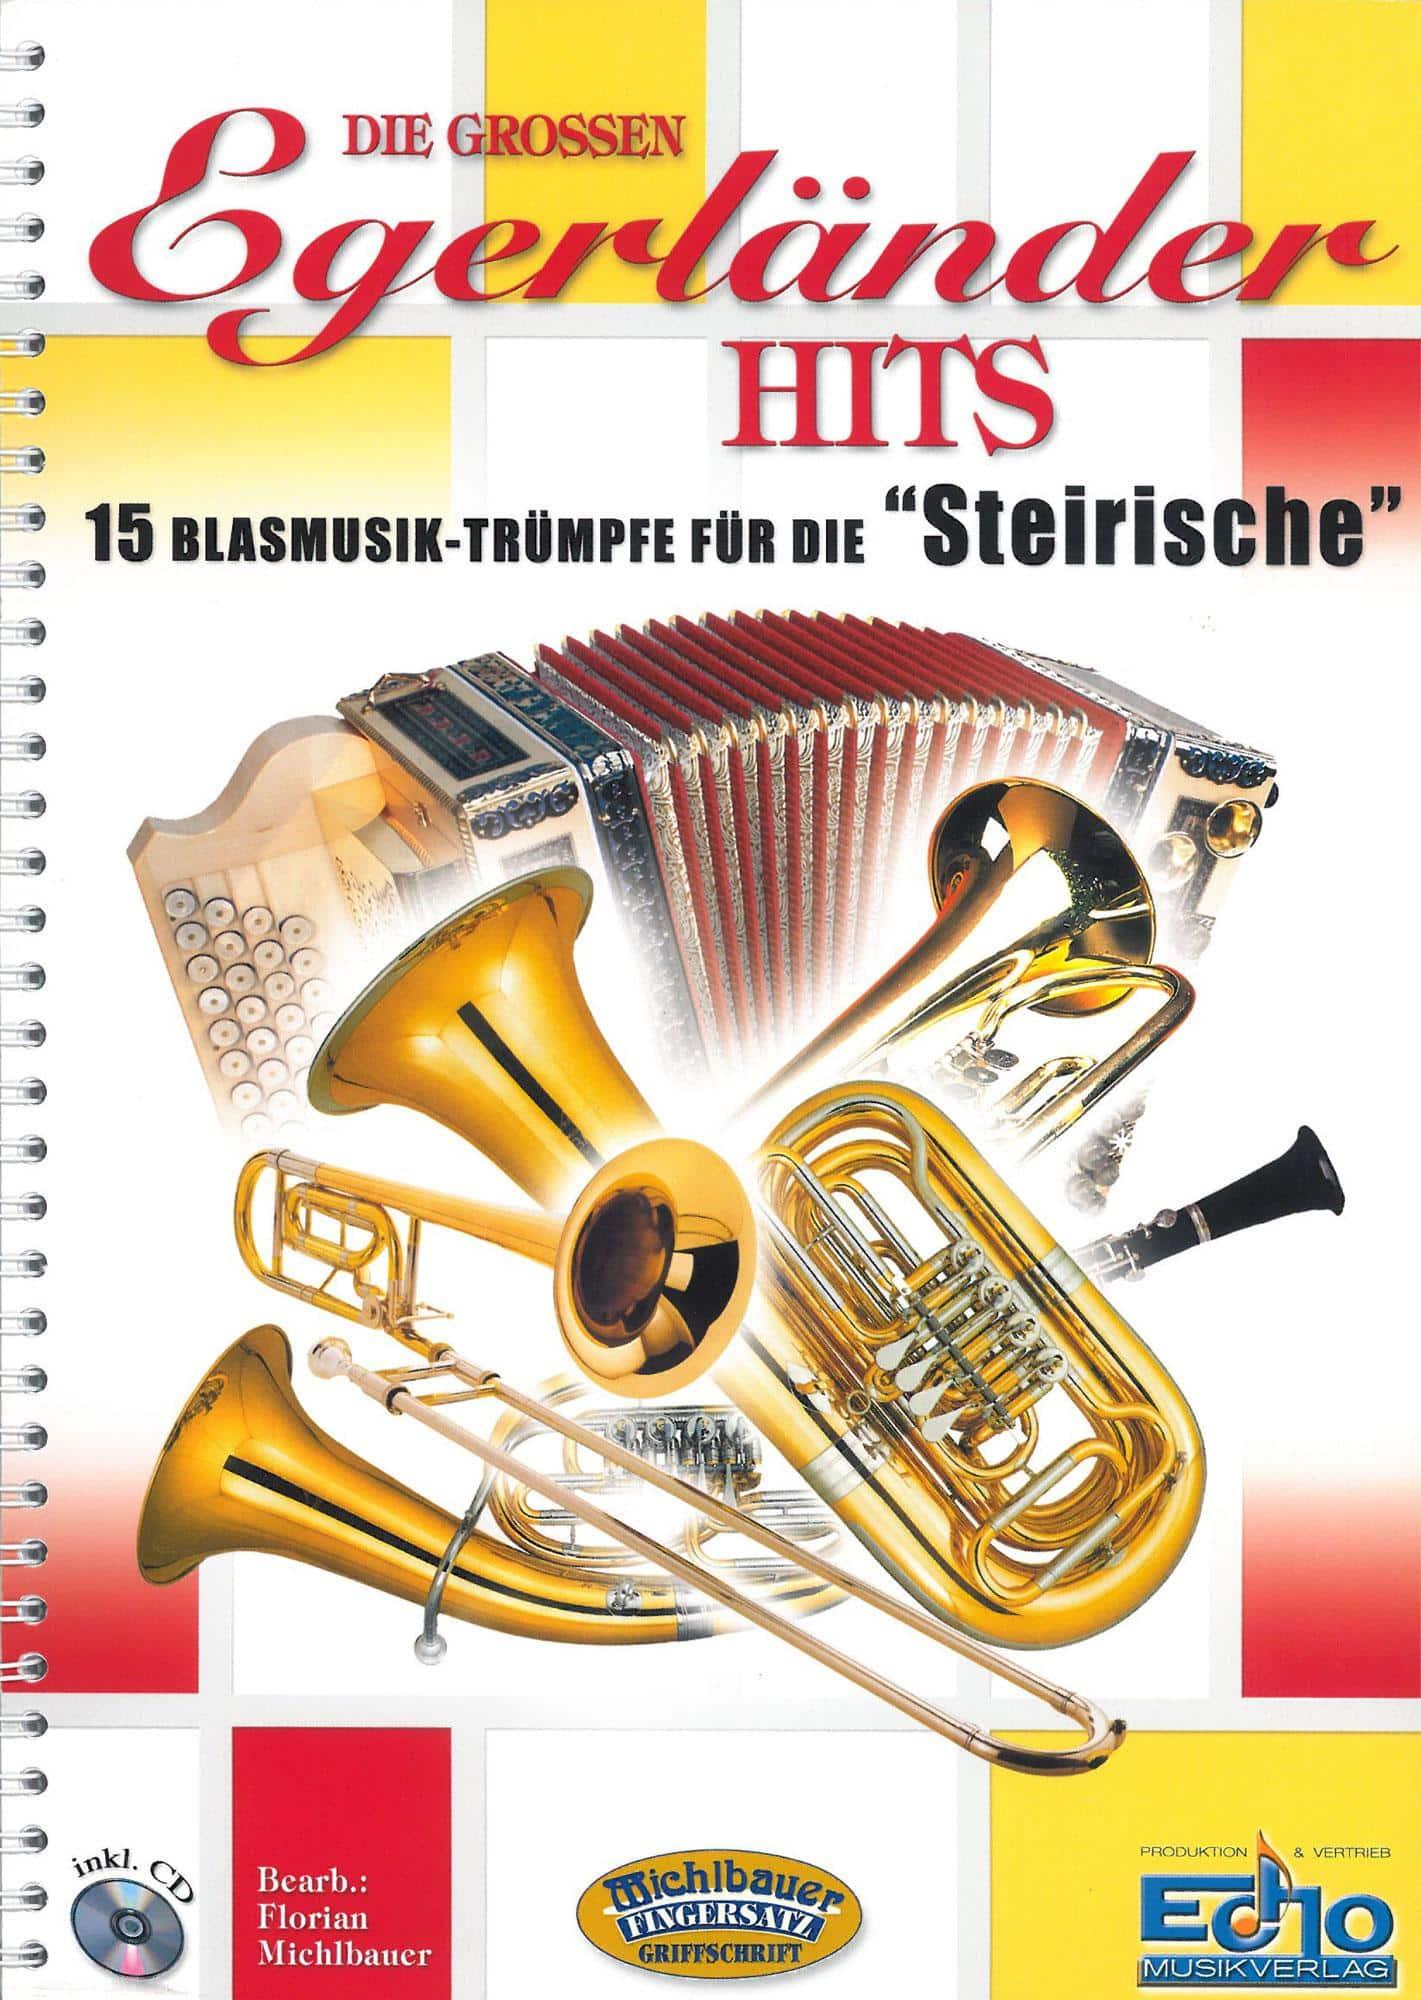 Akkordeonlernen - Die großen Egerländer Hits mit CD - Onlineshop Musikhaus Kirstein